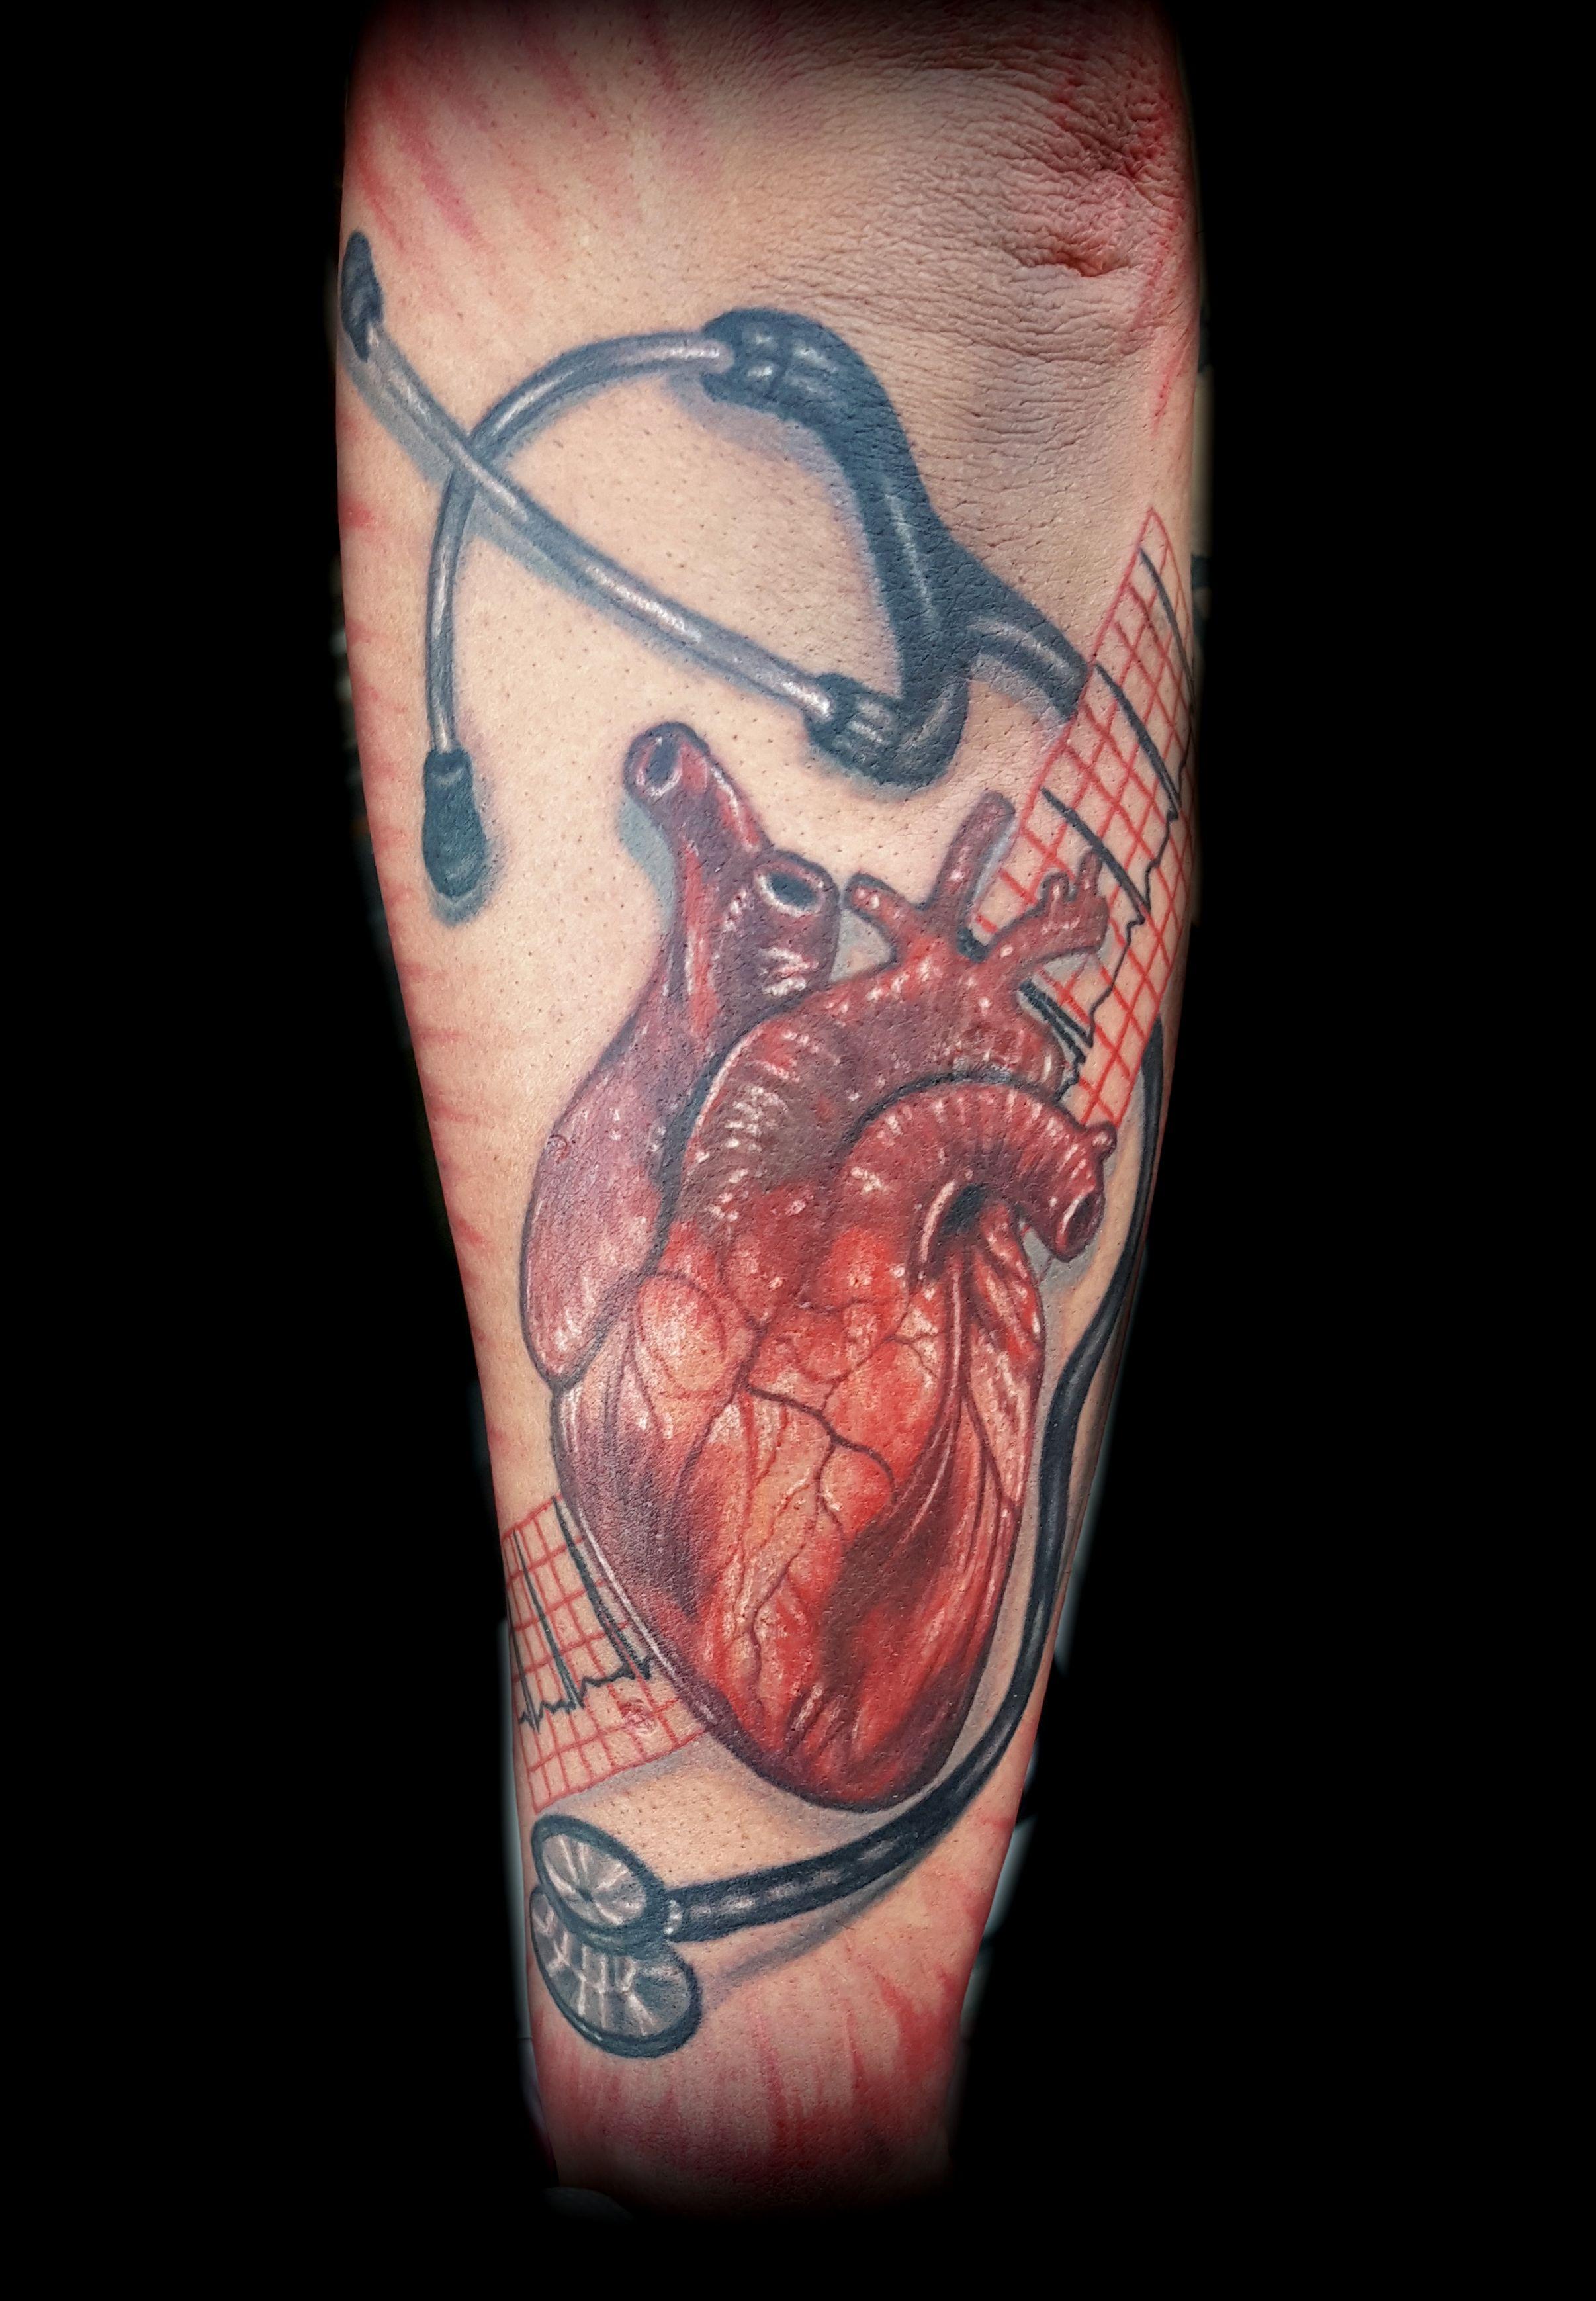 Realistic Heart Tattoo Realistic Tattoo Artists Top Tattoos Tattoos